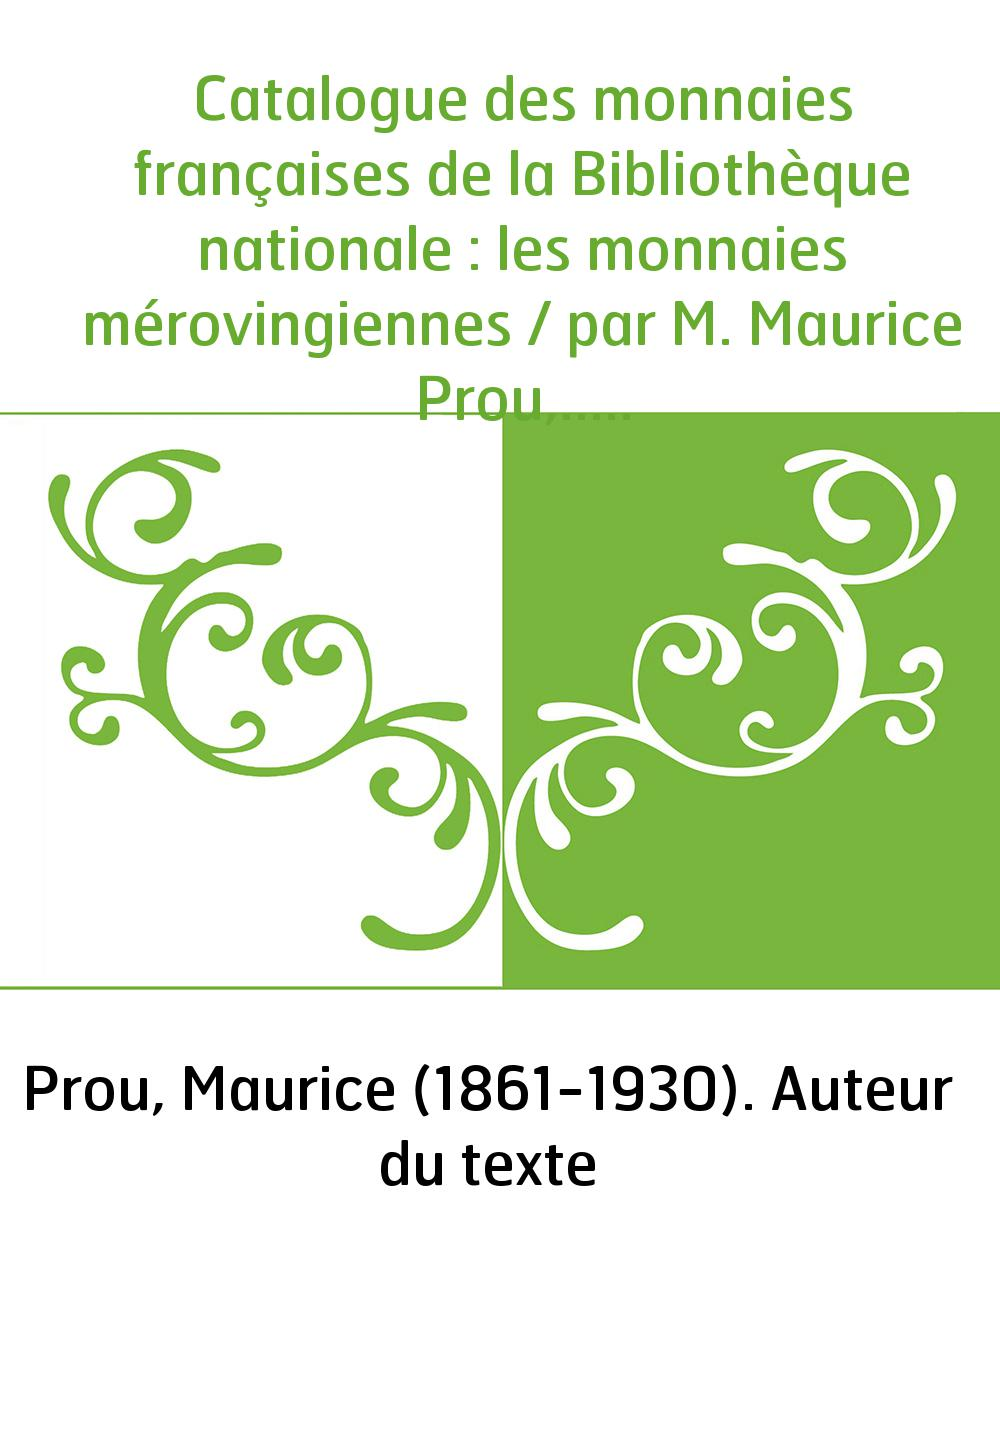 Catalogue des monnaies françaises de la Bibliothèque nationale : les monnaies mérovingiennes / par M. Maurice Prou,...